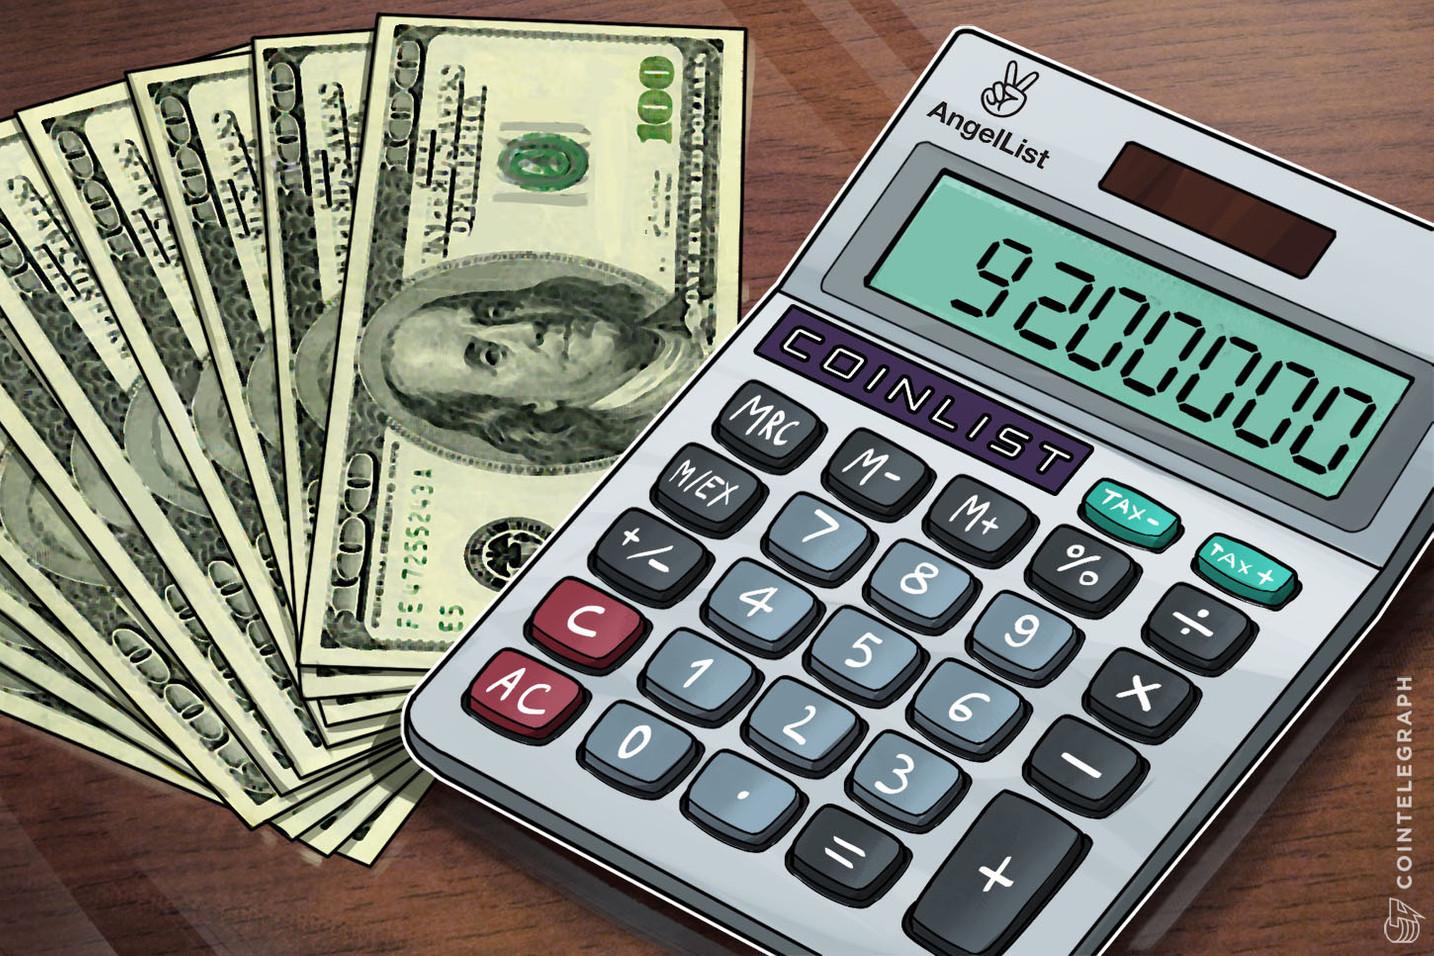 منصة بيع توكنات تتماشى مع اللوائح تجمع ٩,٢ مليون دولار في جولة التمويل الأولي